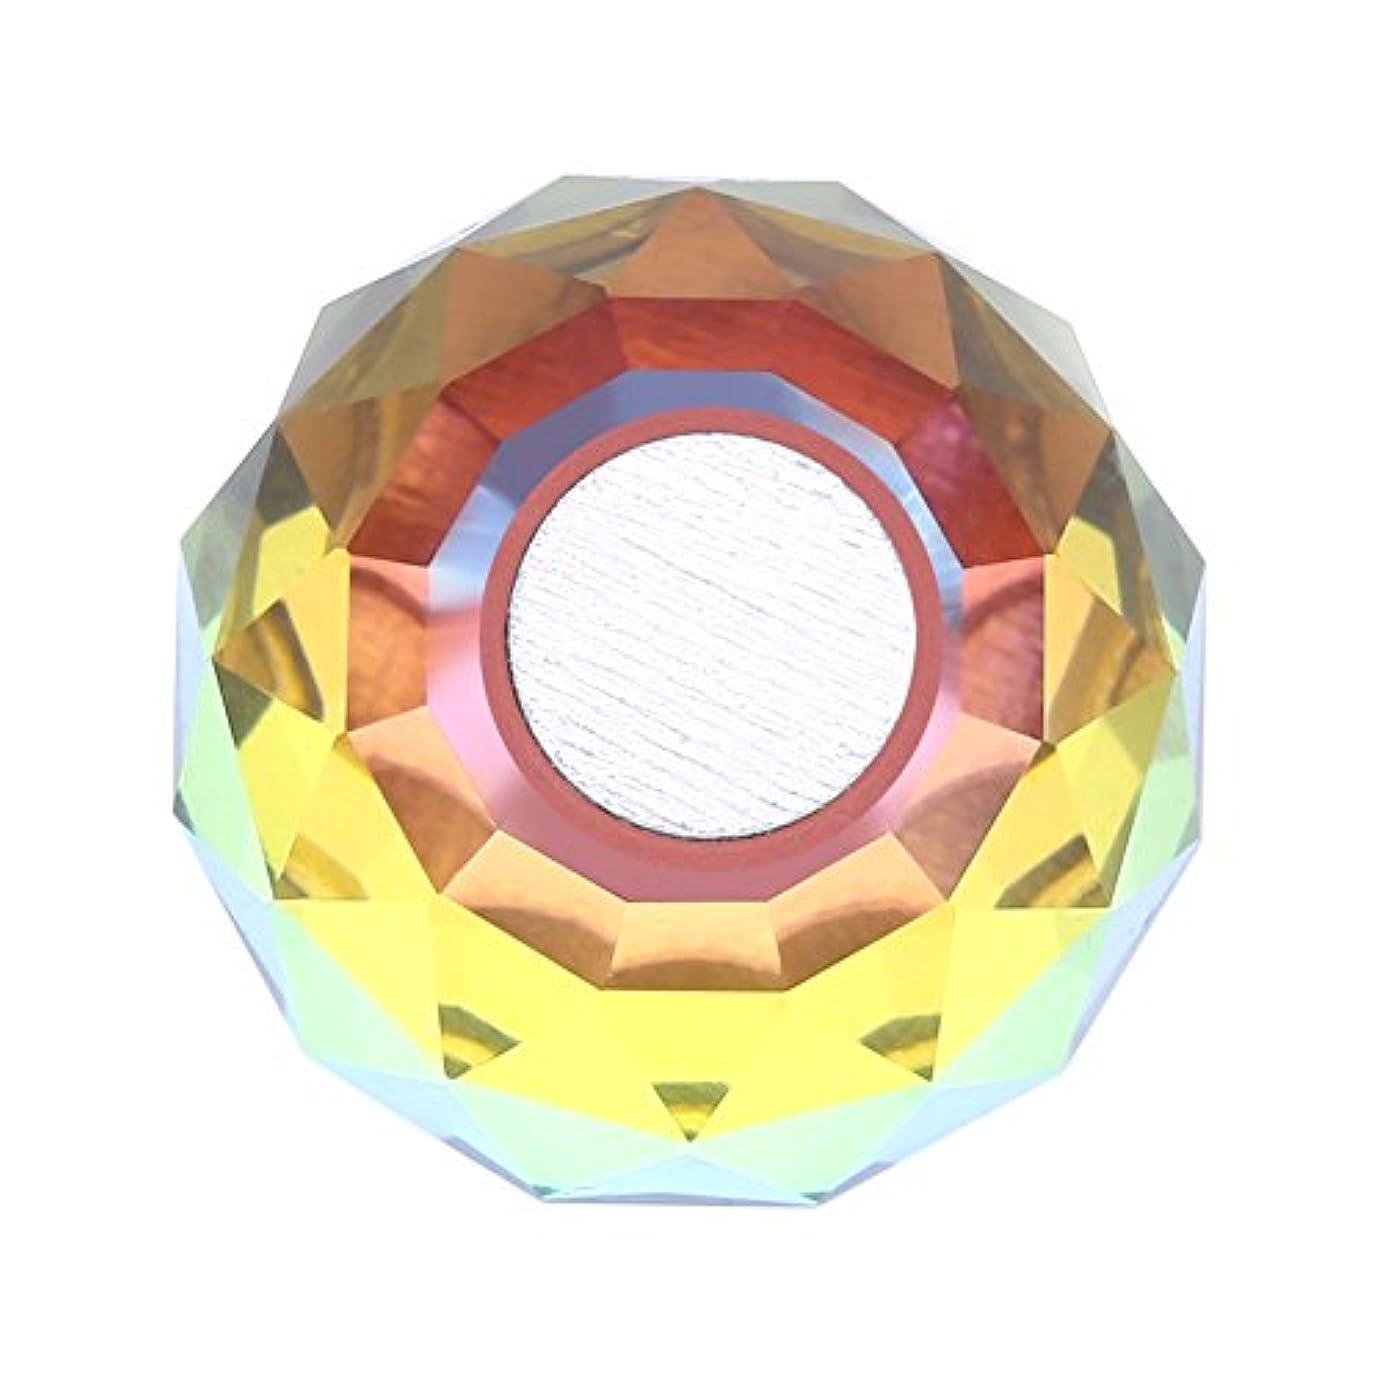 清める同様の無臭磁気ネイルチップスタンドホルダー サロンDIYと実践マニキュアのための合金ネイルアートディスプレイチップホルダー(1)